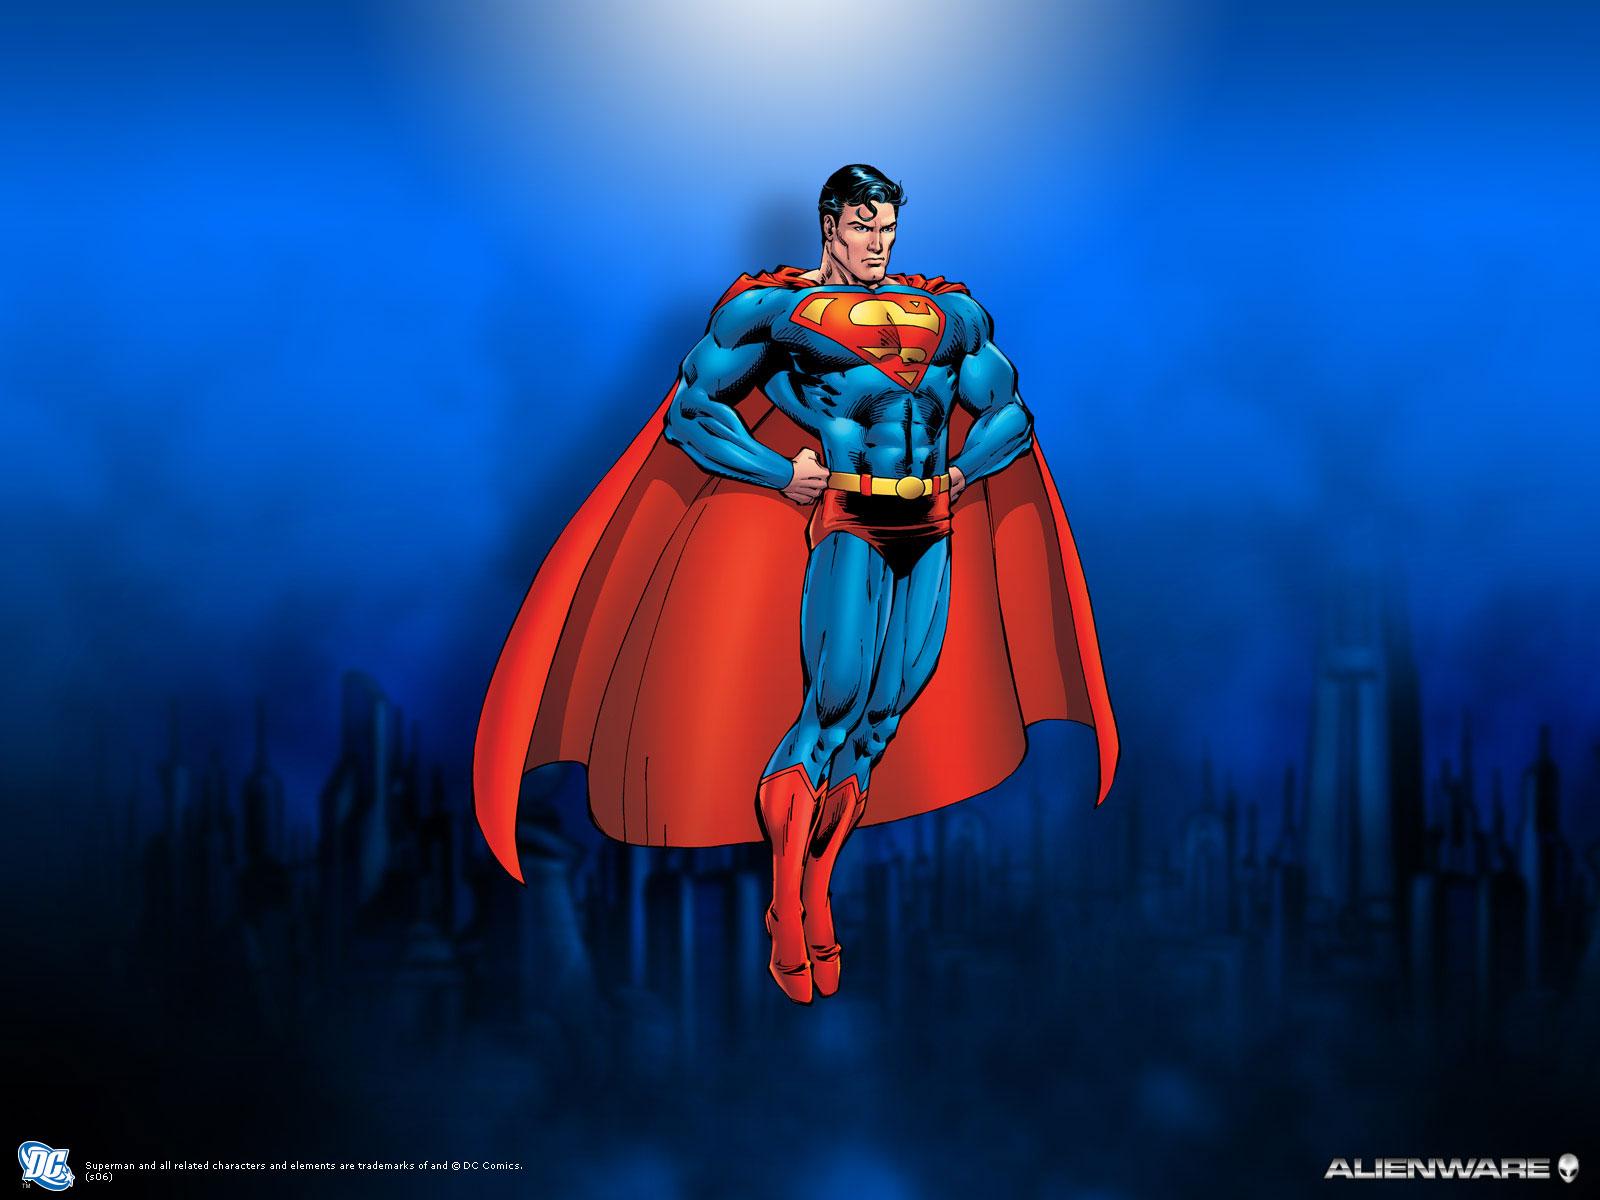 wallpaper superman wallpaper superman hd wallpaper download cartoon 1600x1200